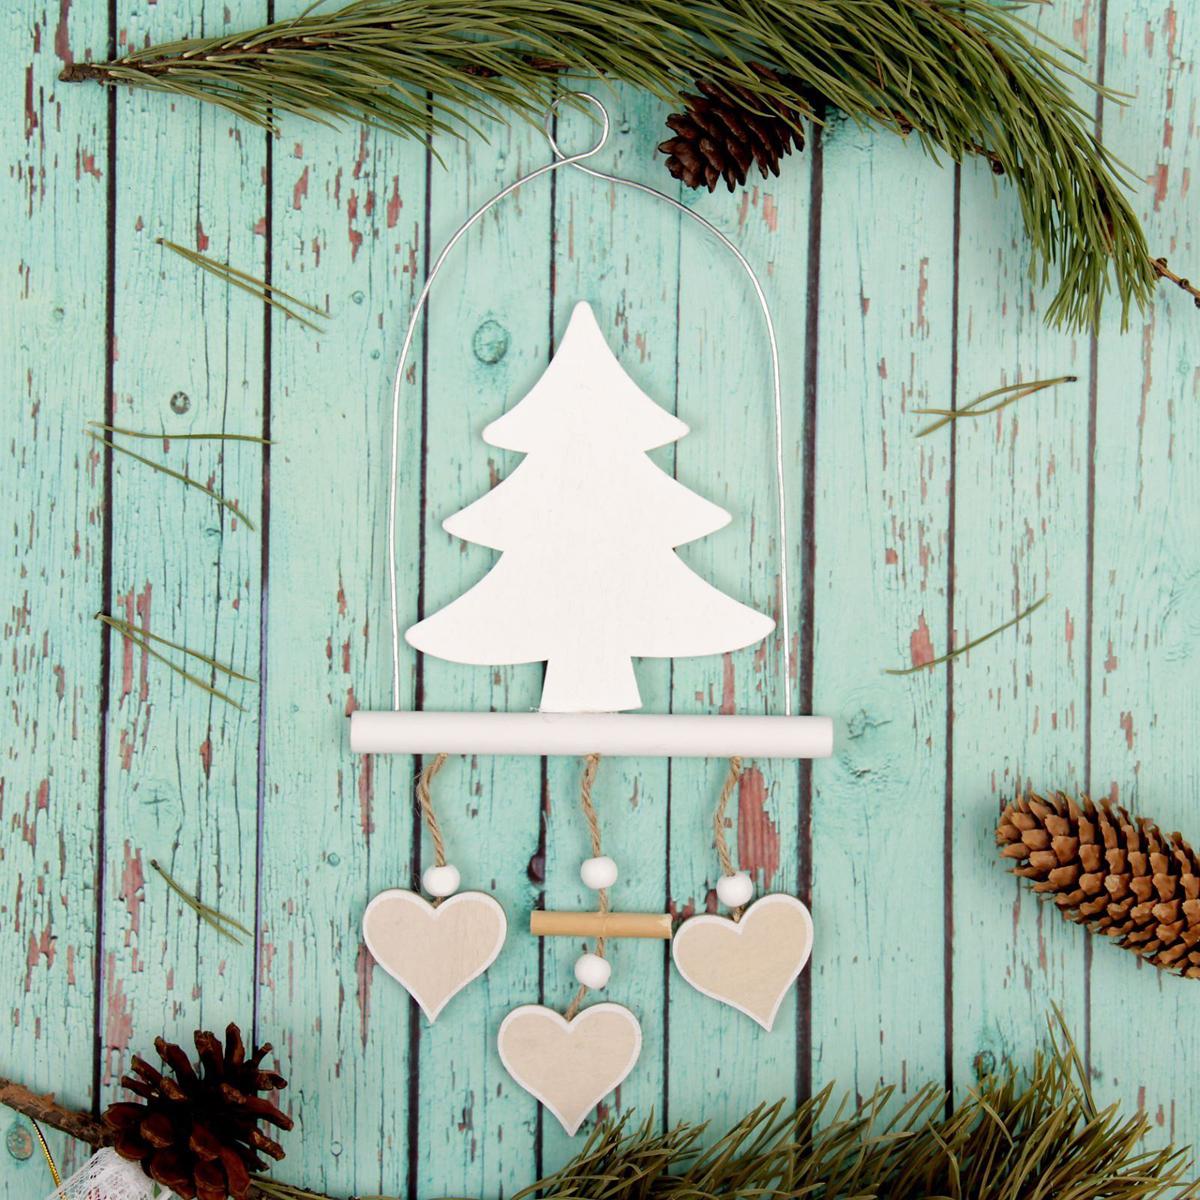 Новогоднее подвесное украшение Sima-land Елка, 17,5 х 13,5 см2277514Новогоднее подвесное украшение Sima-land отлично подойдет для декорации вашего дома и новогодней ели. Новогоднее украшение можно повесить в любом понравившемся вам месте. Но, конечно, удачнее всего оно будет смотреться на праздничной елке.Елочная игрушка - символ Нового года. Она несет в себе волшебство и красоту праздника. Такое украшение создаст в вашем доме атмосферу праздника, веселья и радости.